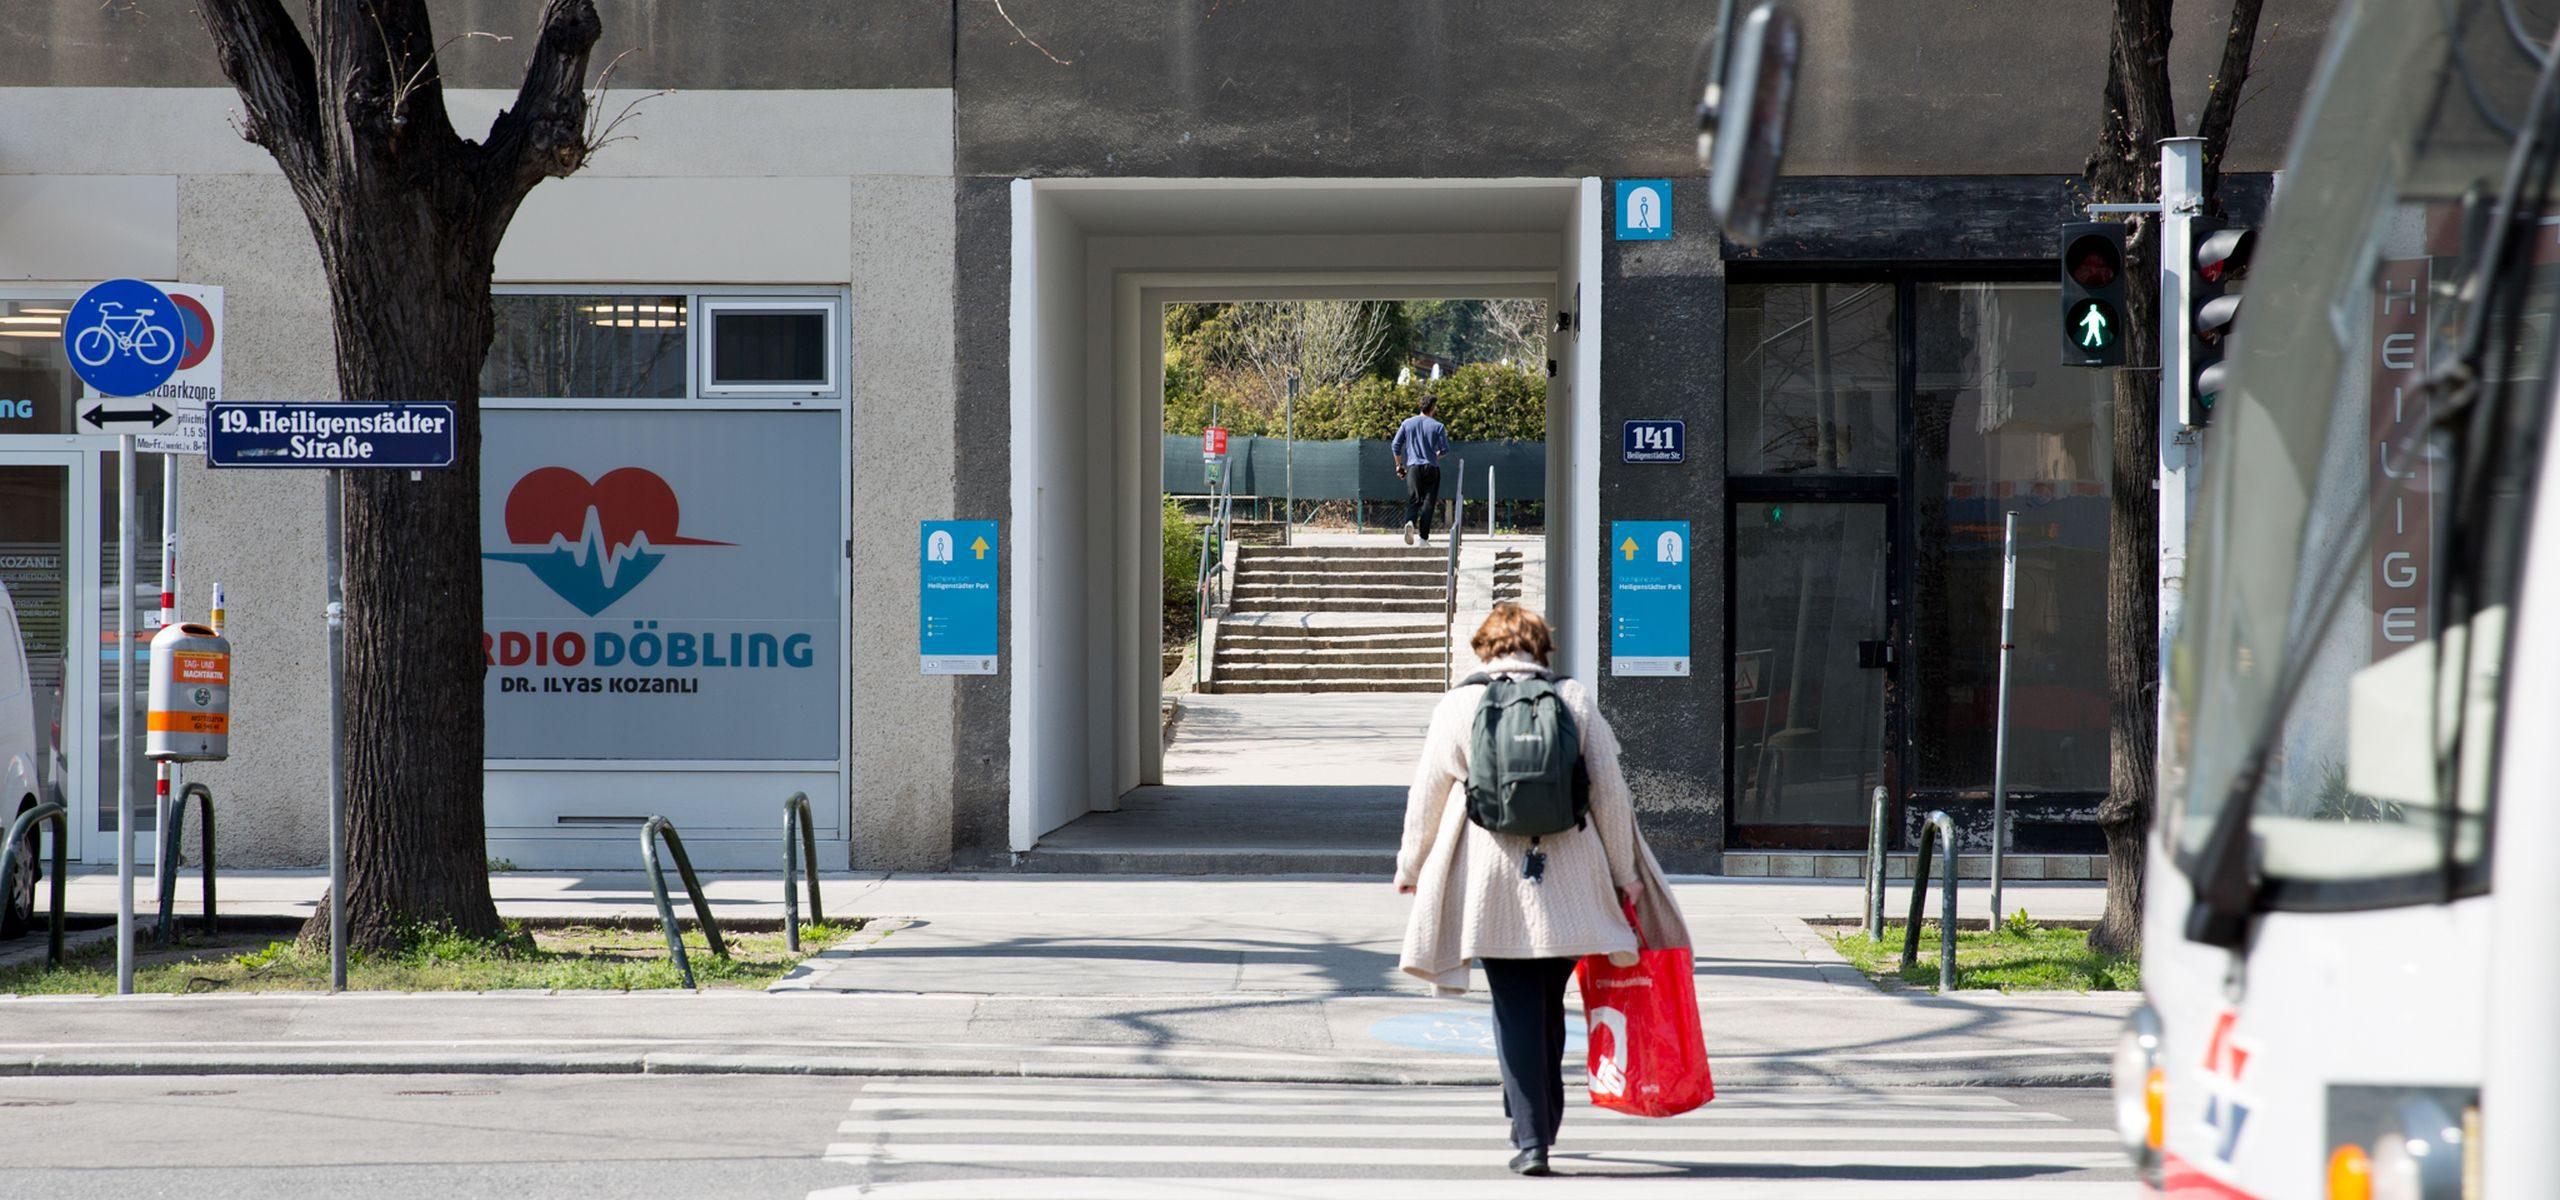 Mit blauen Schildern wird der Durchgang von der Heiligen Städter Straße 141 in die Kindergartengasse markiert.